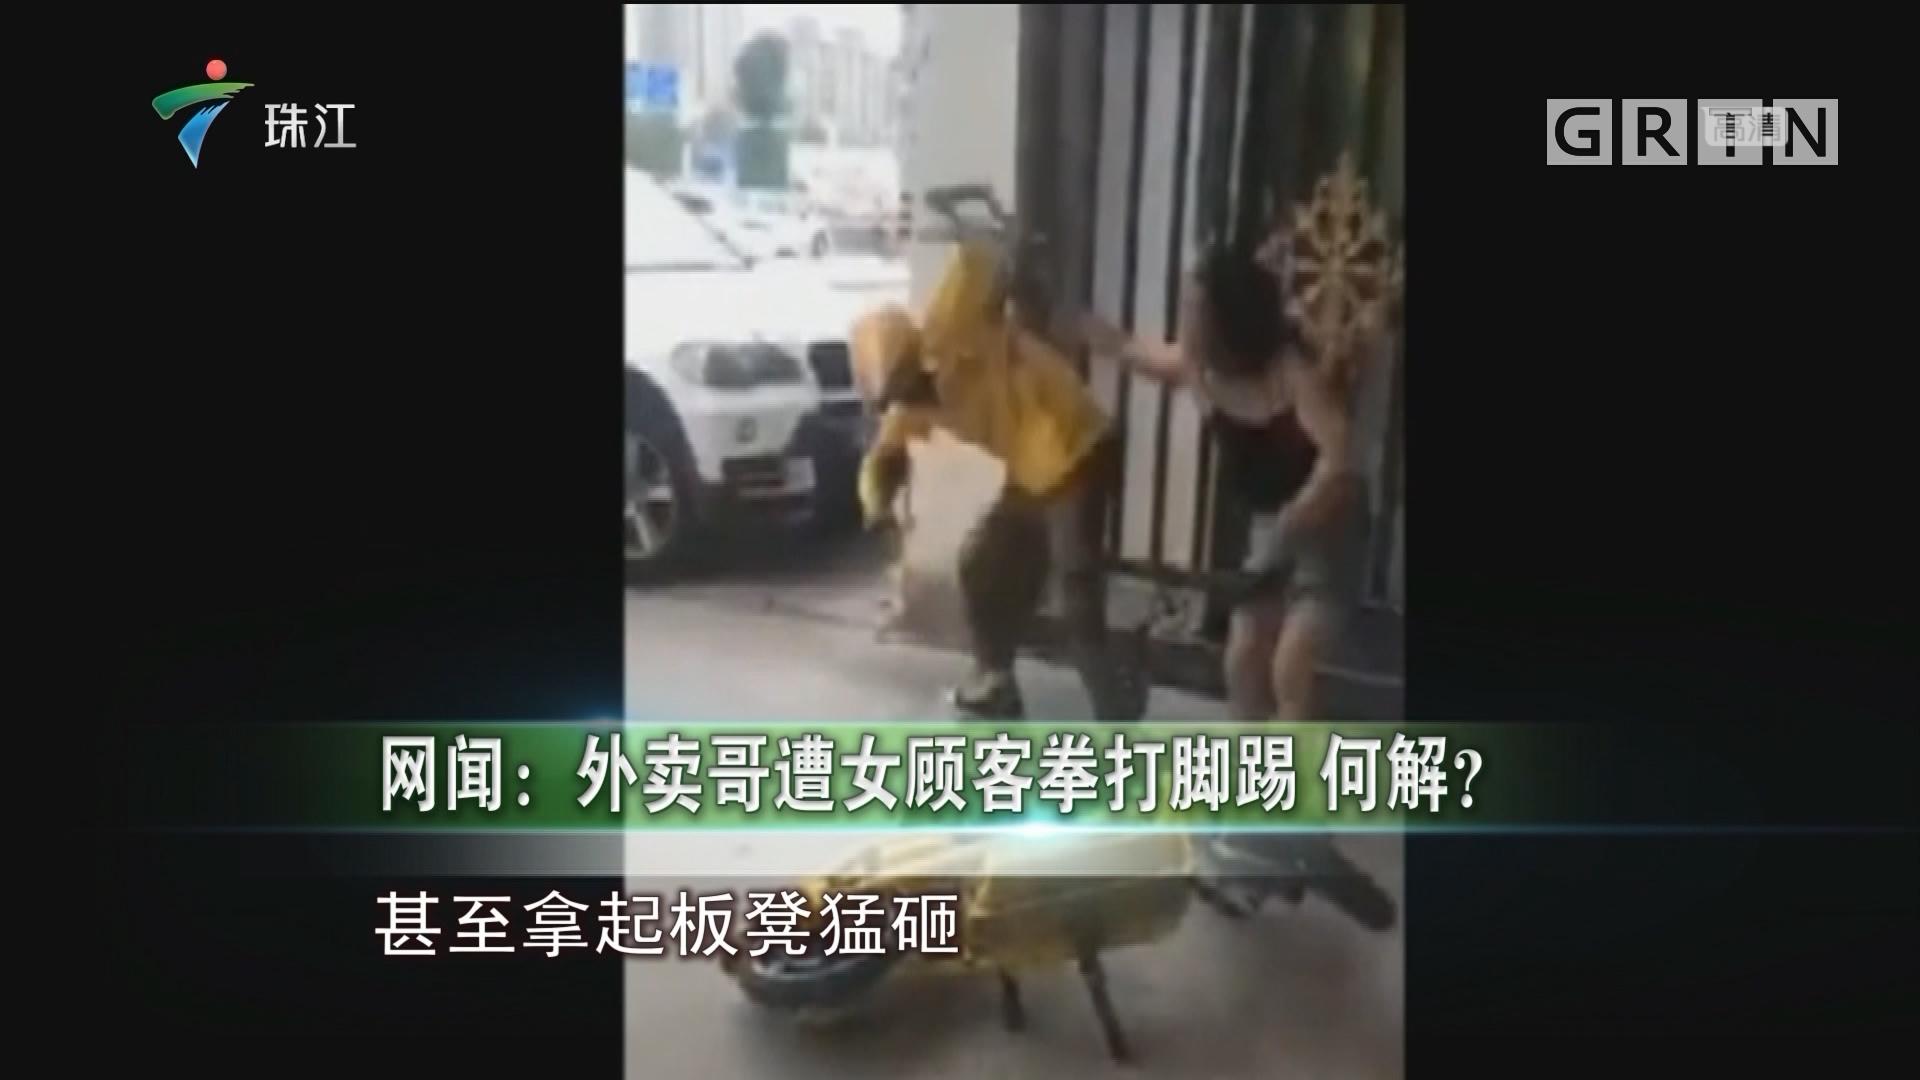 网闻:外卖哥遭女顾客拳打脚踢 何解?